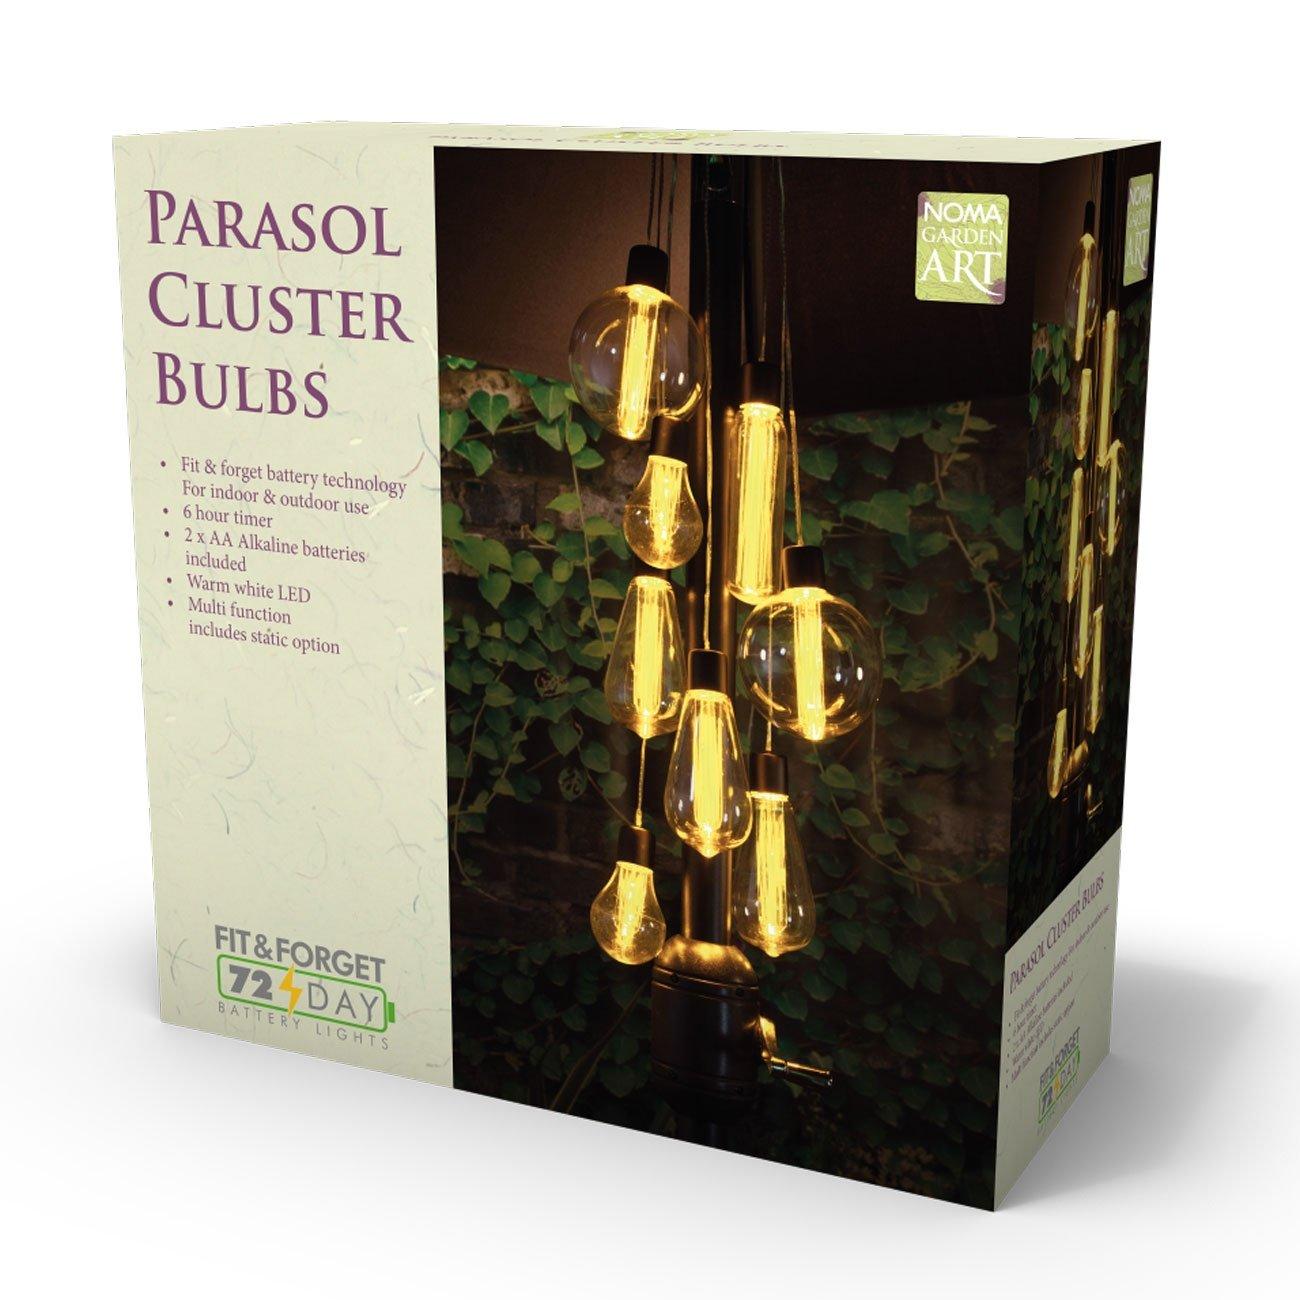 NOMA 7 Bulb Parasol Cluster Lights LED Noma Garden Art